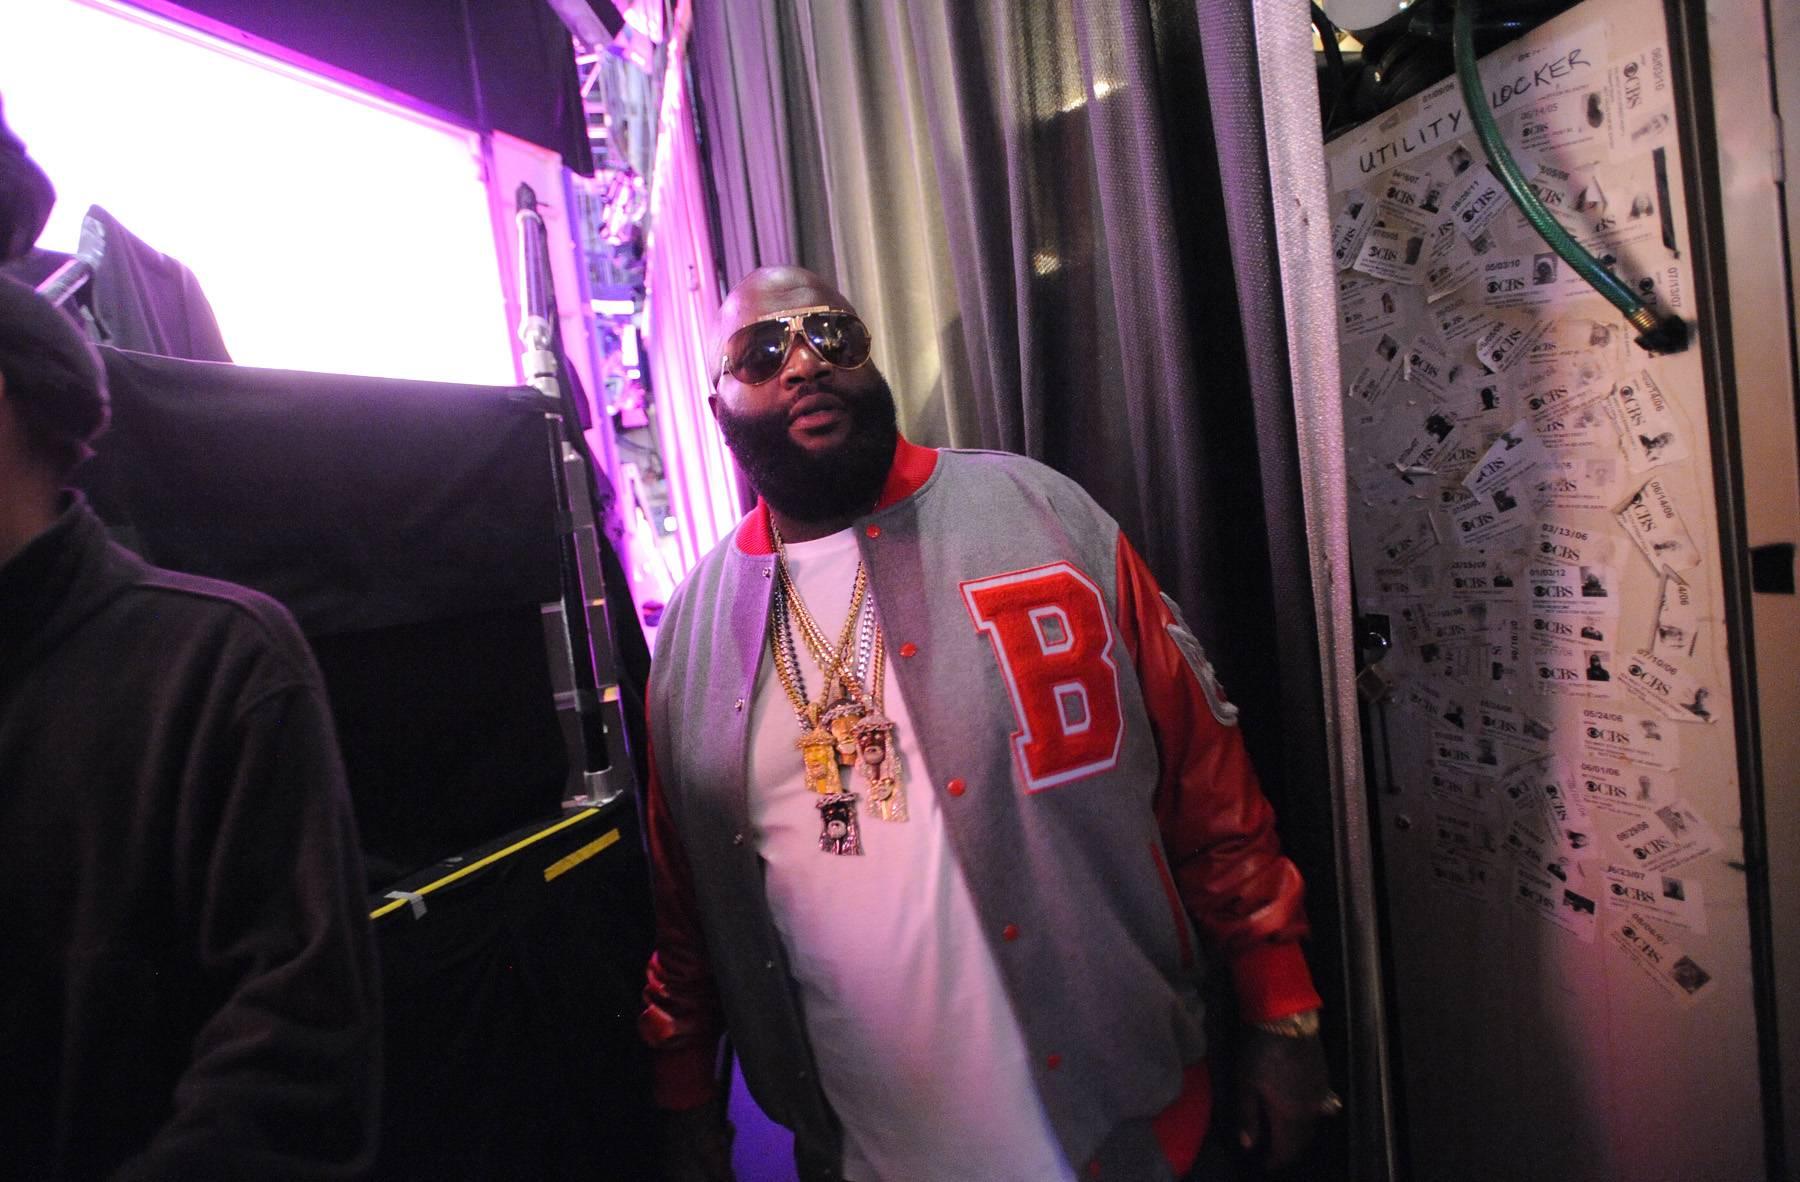 The Boss - Rick Ross backstage at 106 & Park, May 2, 2012. (Photo: John Ricard/BET)